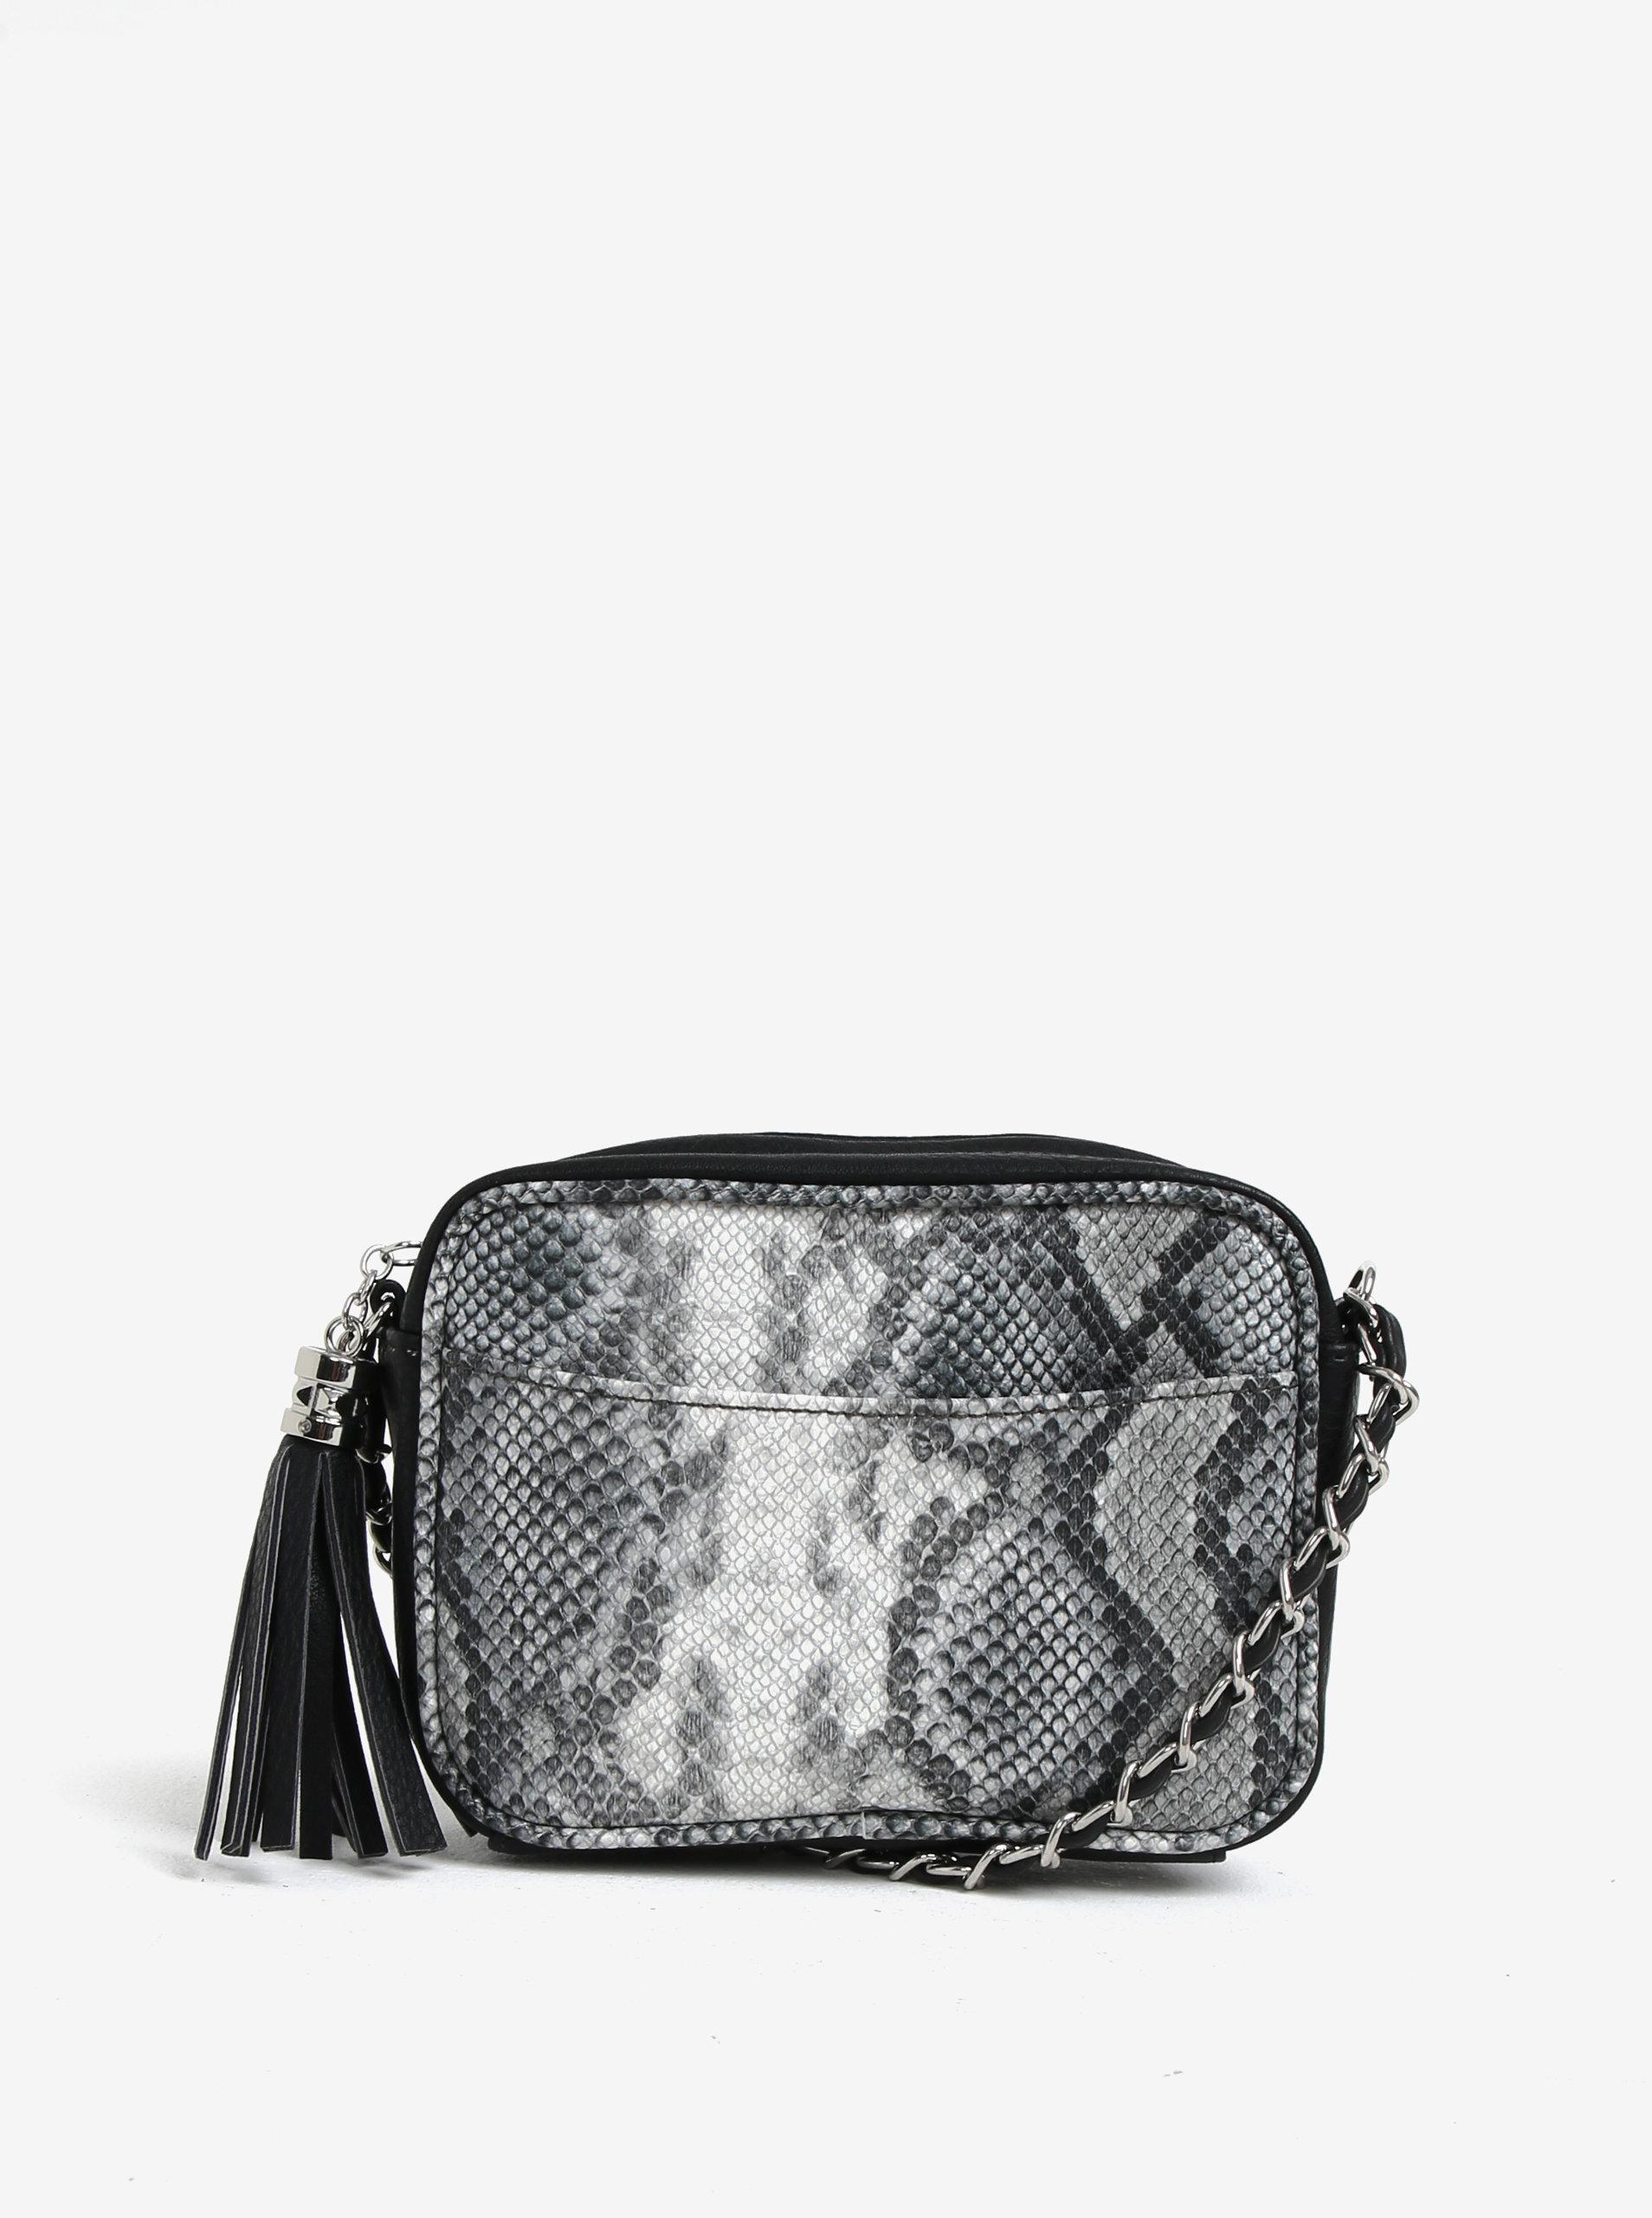 8186ab8626 Šedo-černá malá crossbody kabelka s hadím vzorem VERO MODA Snakee ...